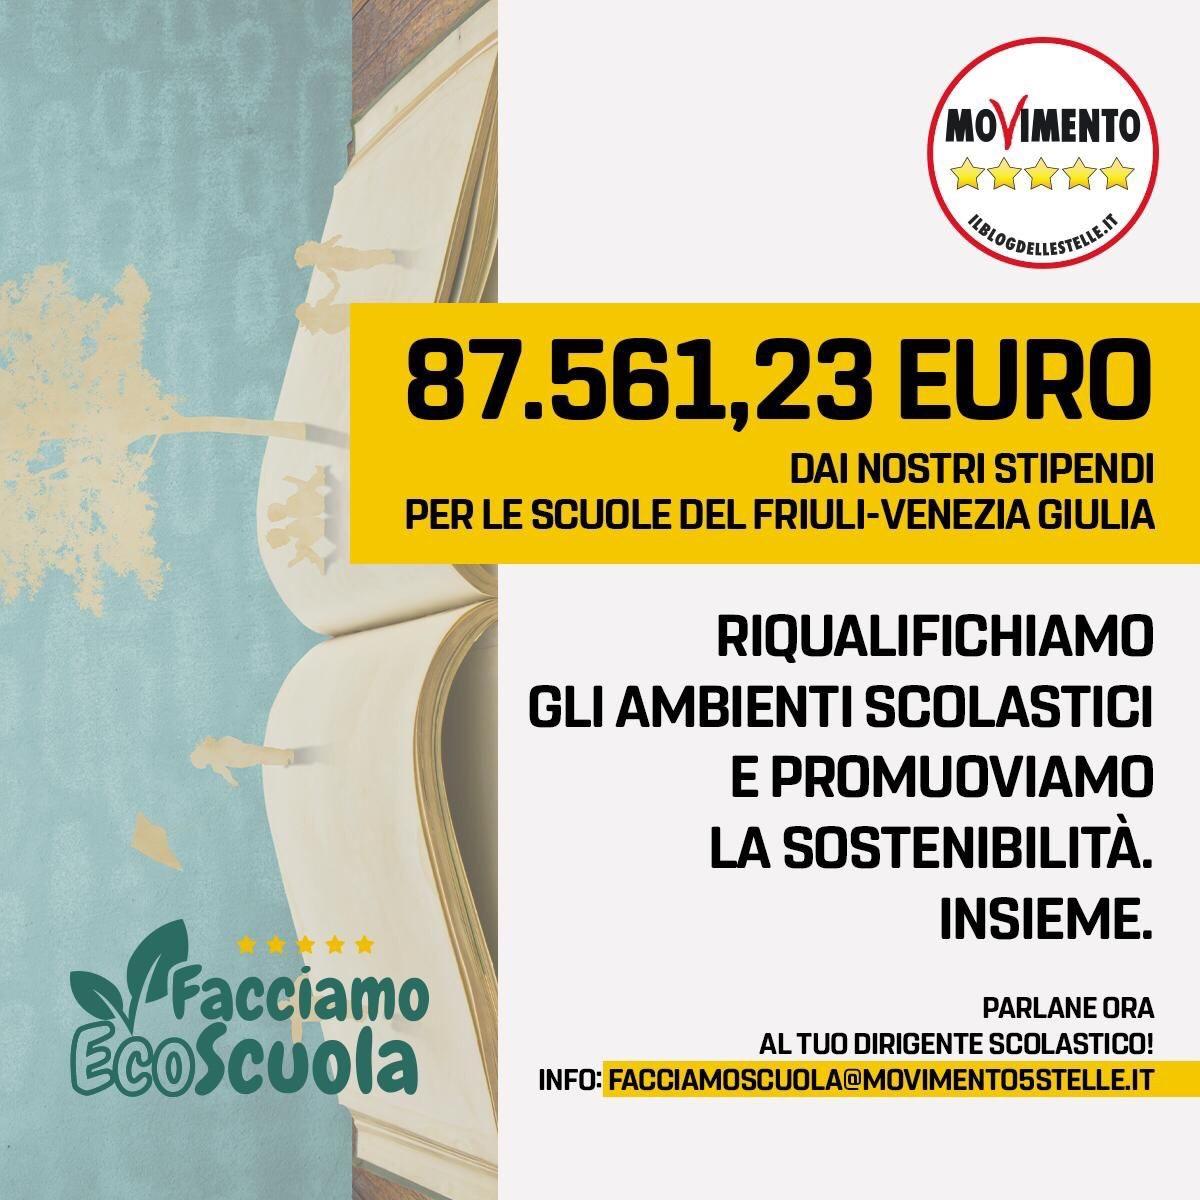 Dal taglio degli stipendi M5S, 87 mila euro per l'ecosostenibilità delle scuole FVG